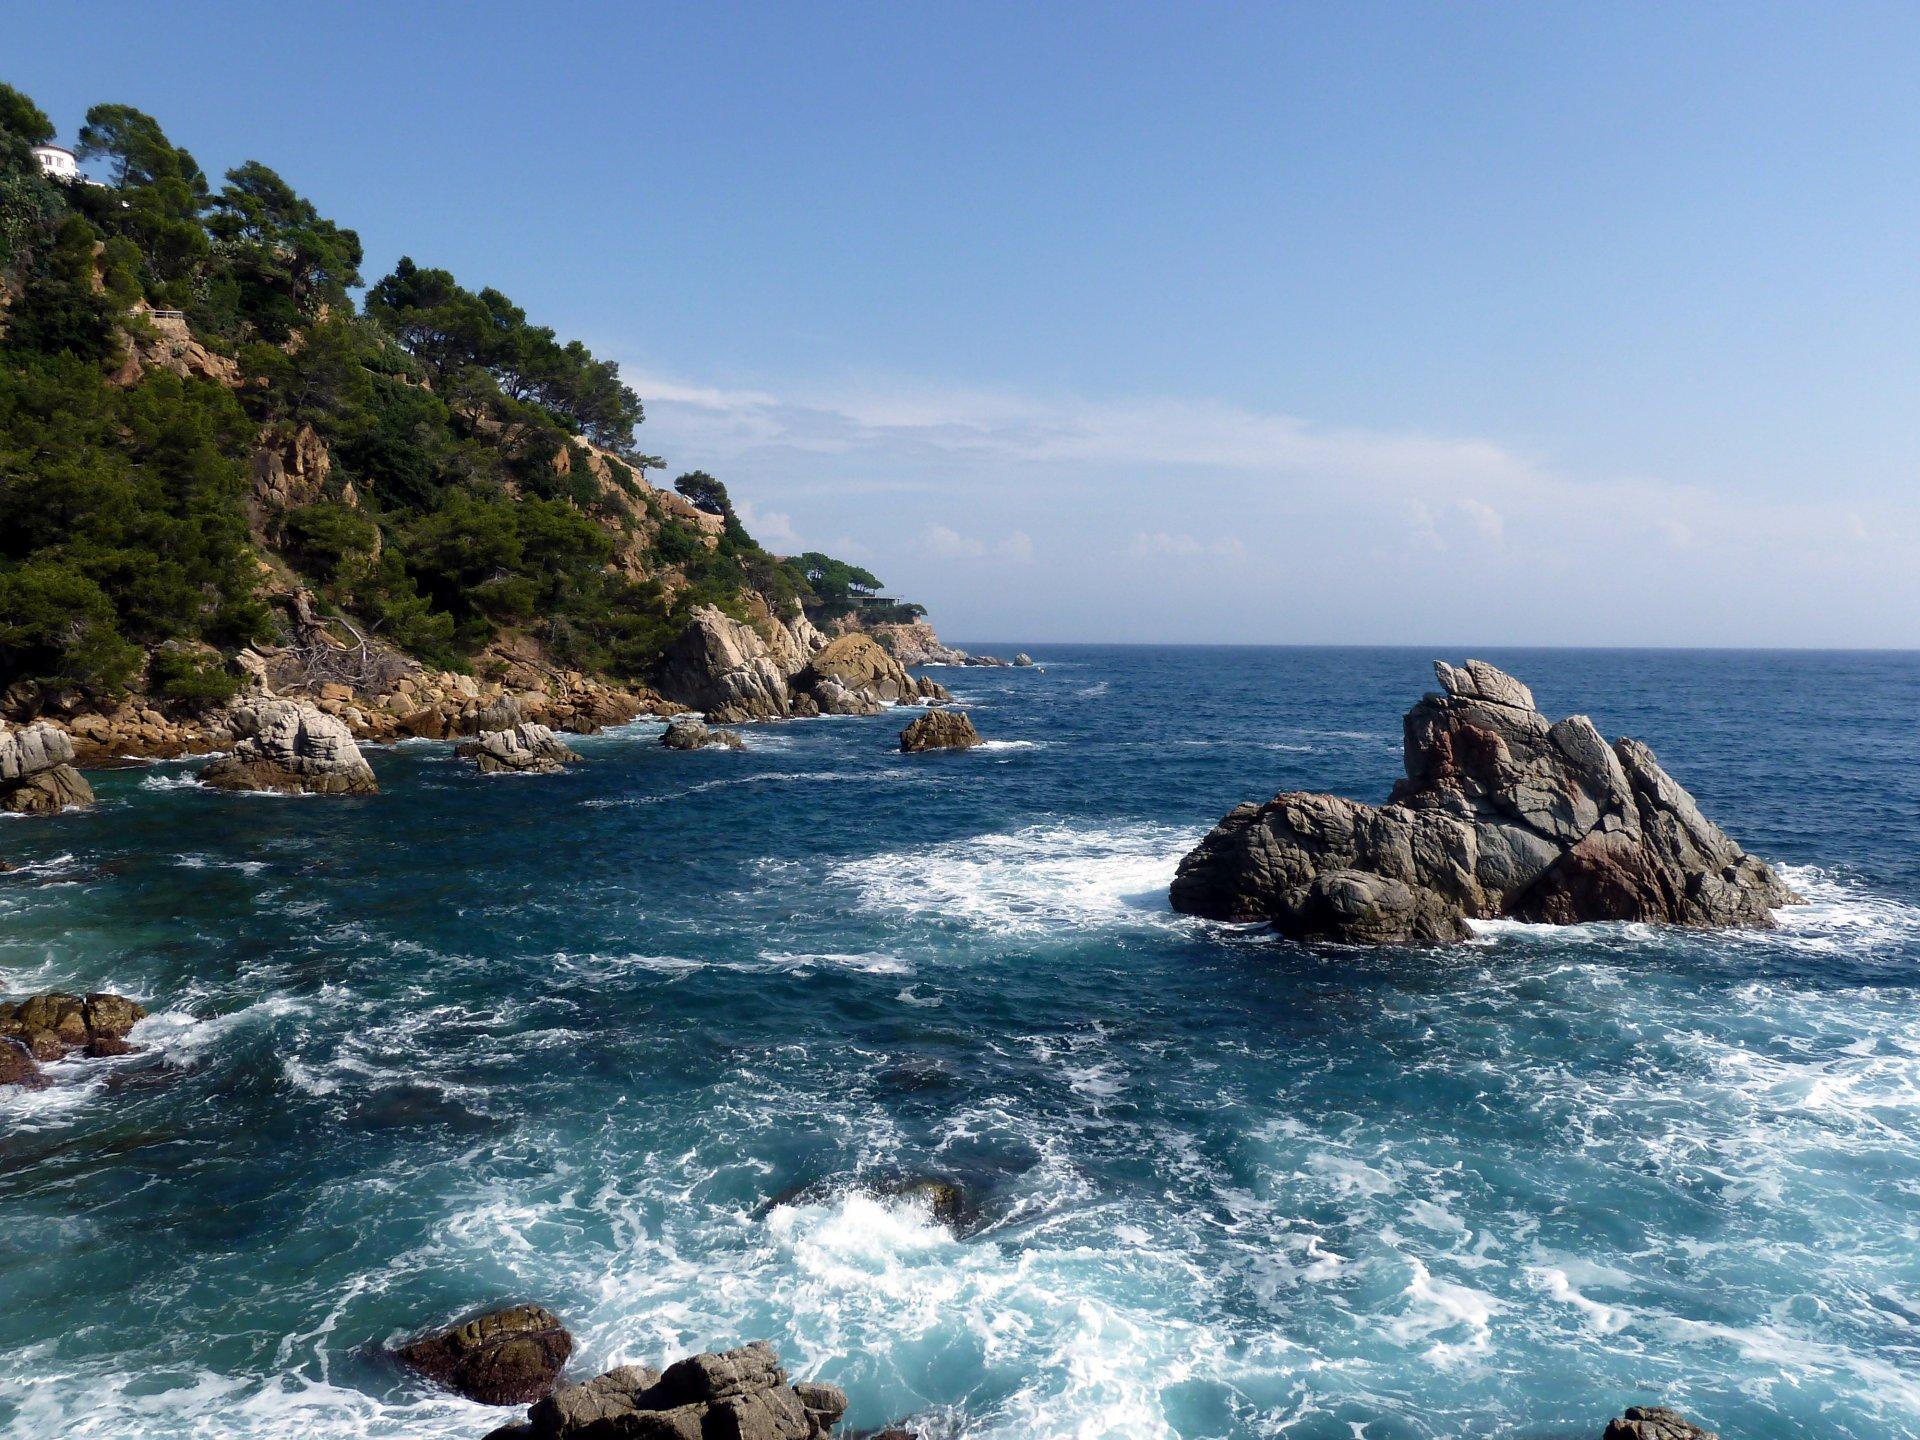 очень красивые фото моря в хорошем качестве теперь